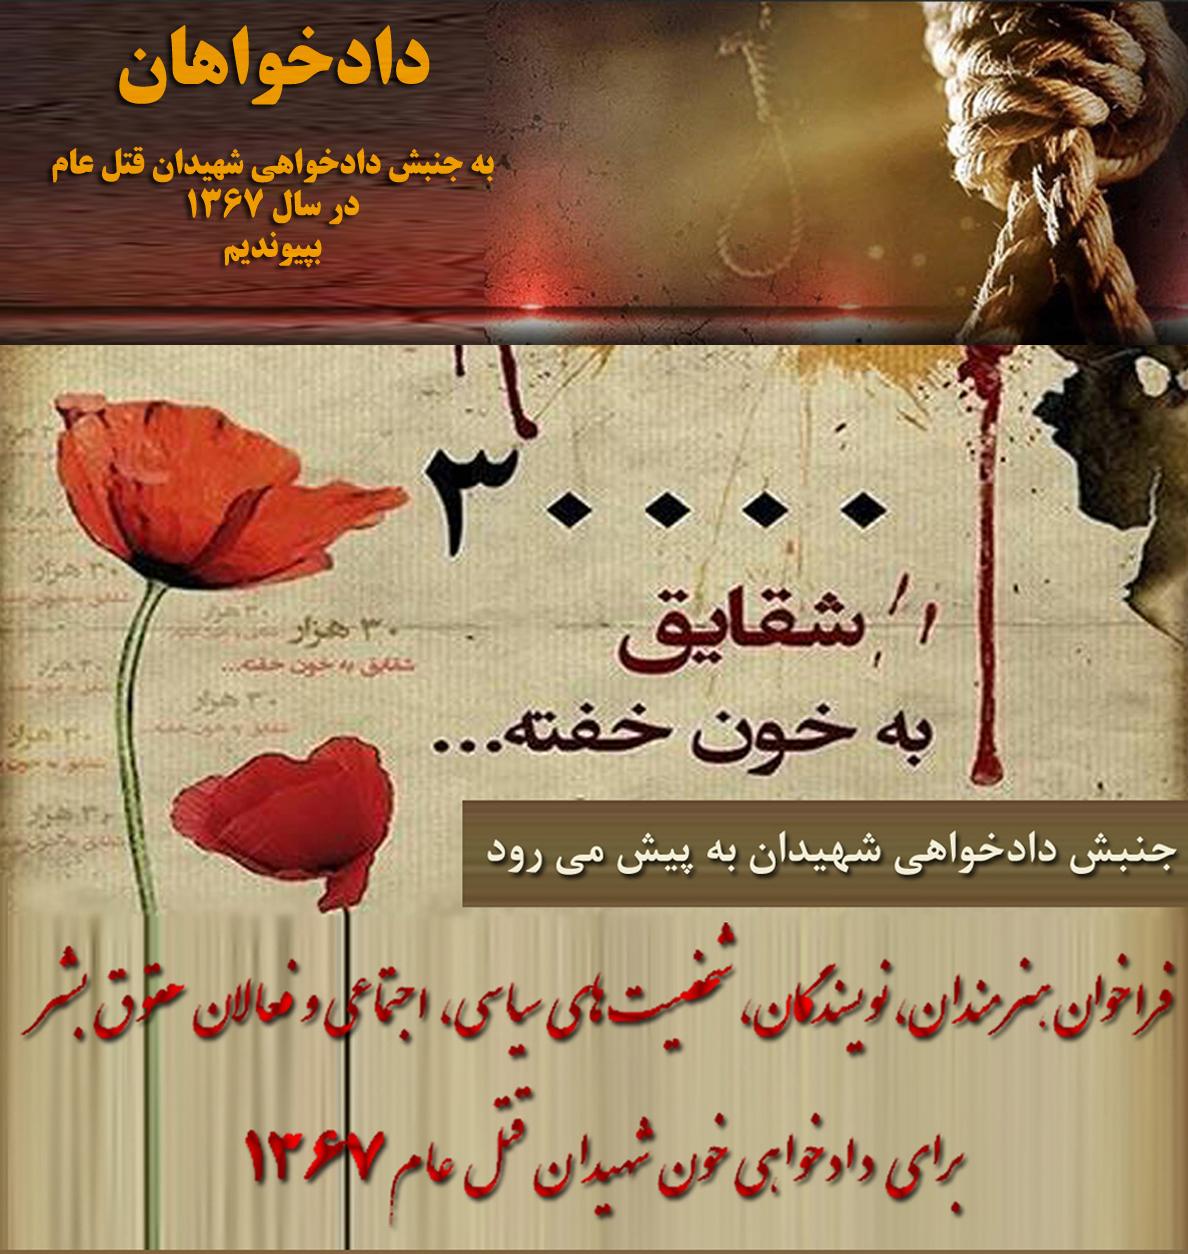 فراخوان دادخواهی شهیدان قتل عام سال شصت و هفت